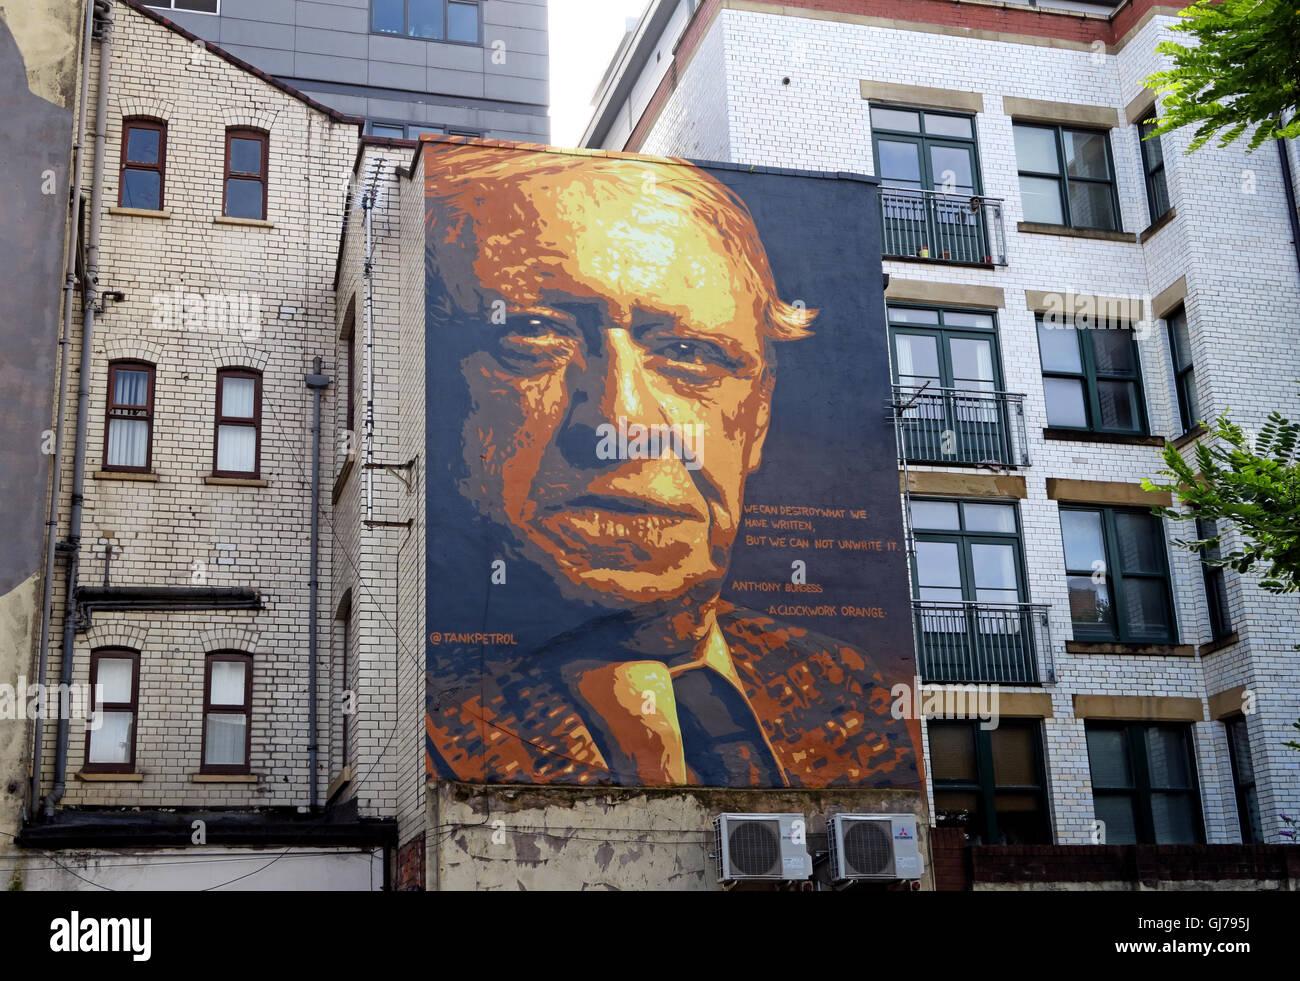 Laden Sie dieses Alamy Stockfoto Autor Anthony Burgess Wandmalerei Kunst arbeiten, Northern Quarter, Brightwell Spaziergang, Manchester M4 5JD - GJ795J